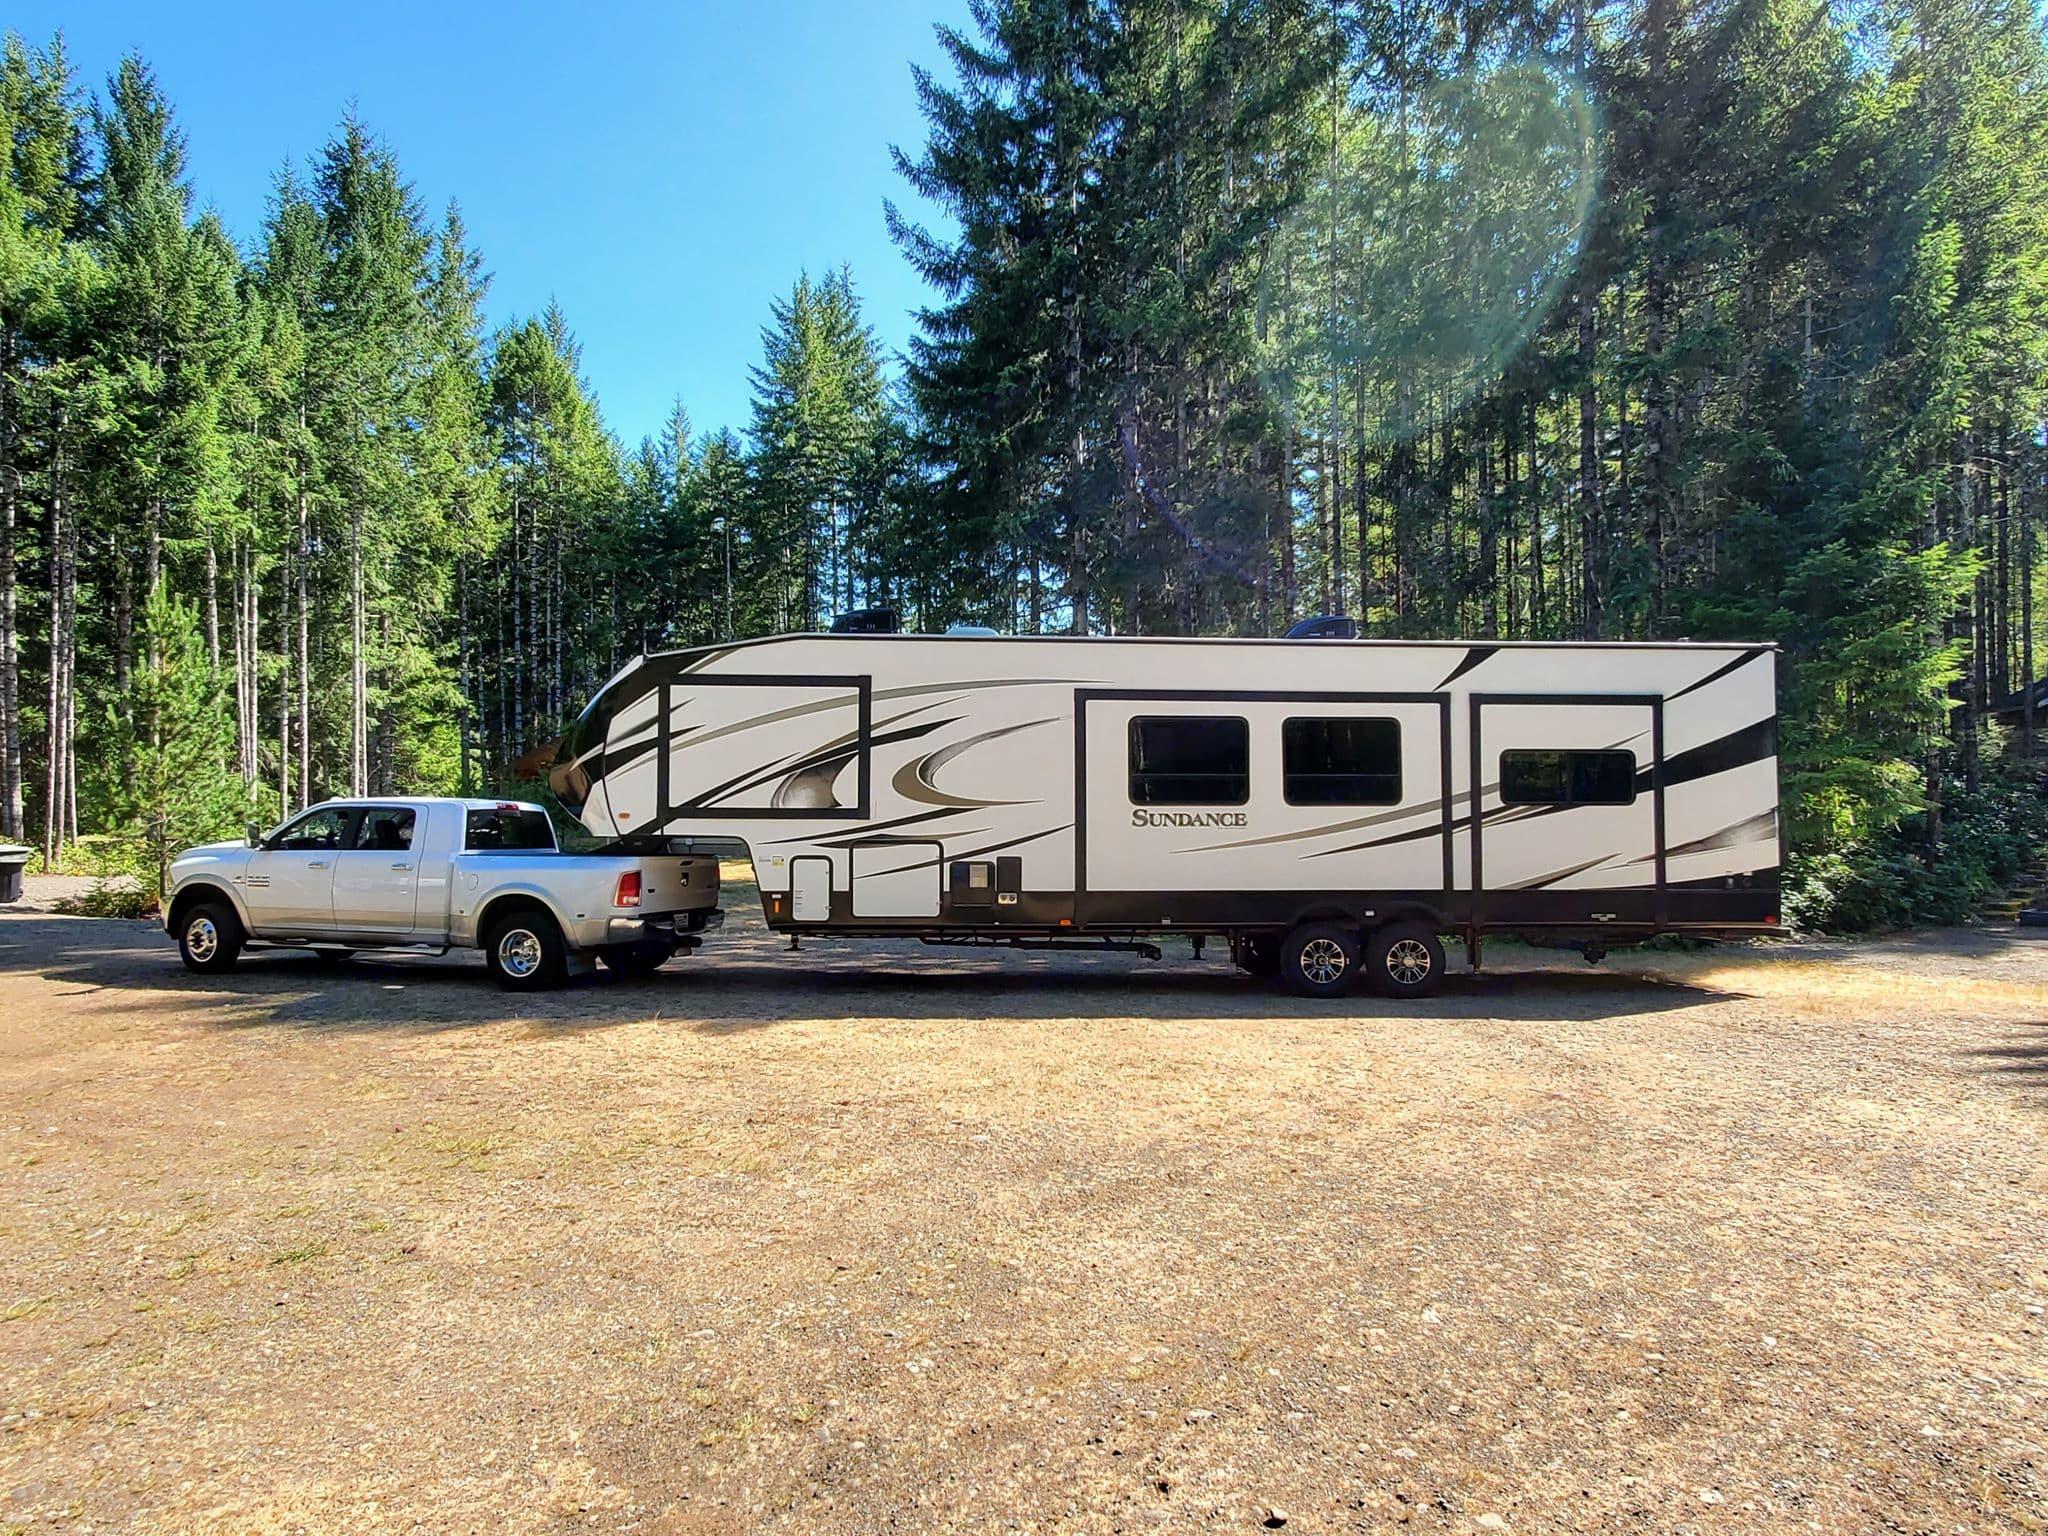 Camping at Lake Cushman, WA. Heartland Sundance 2018